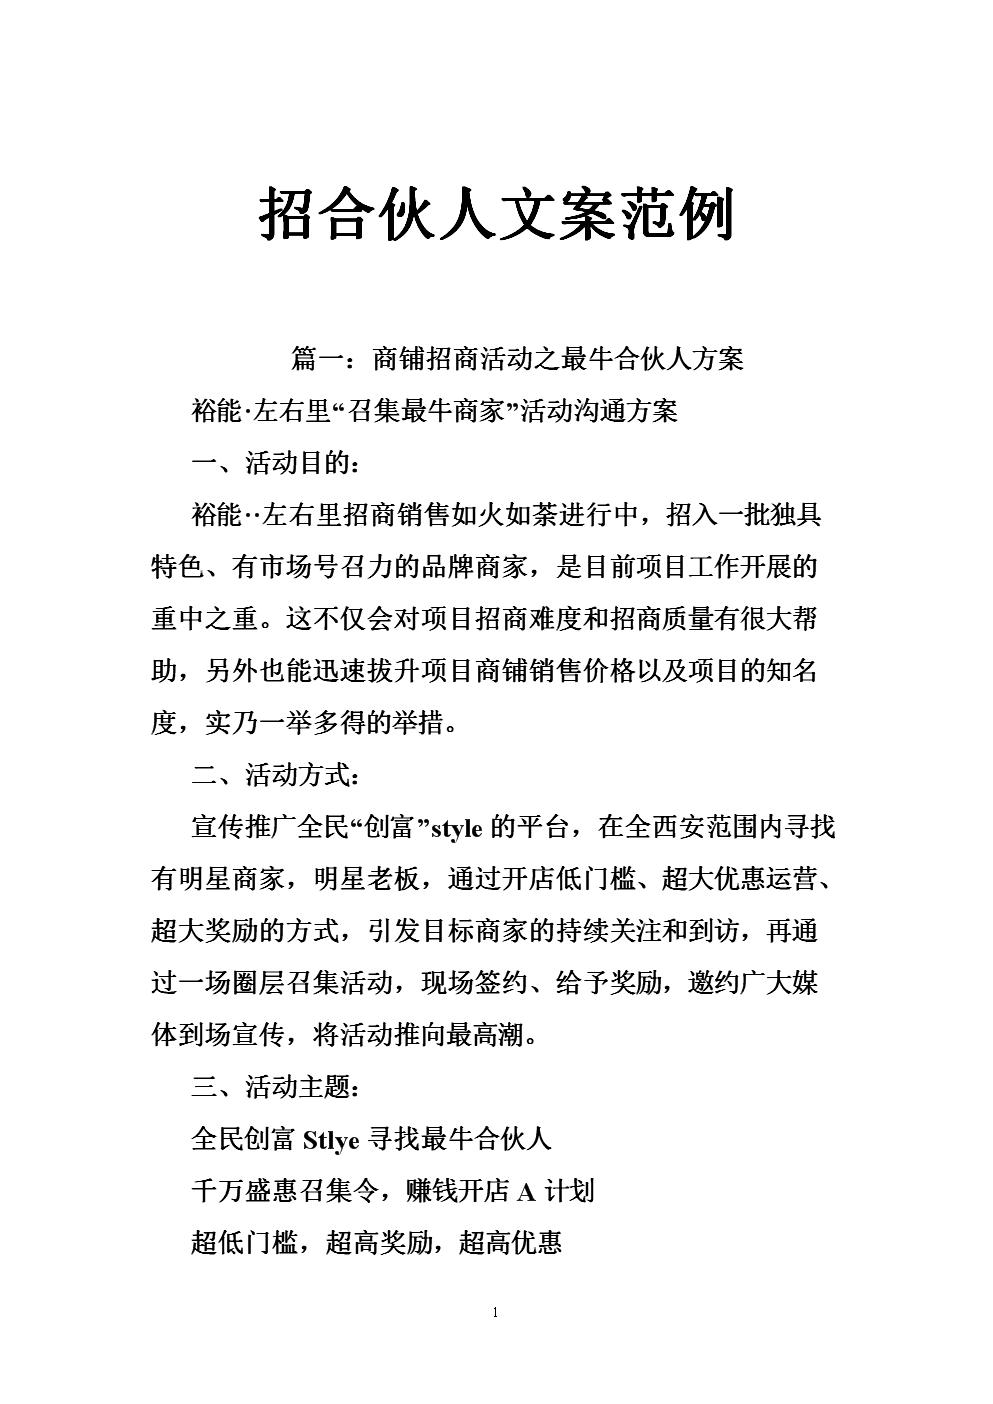 招合伙人文案范例.doc